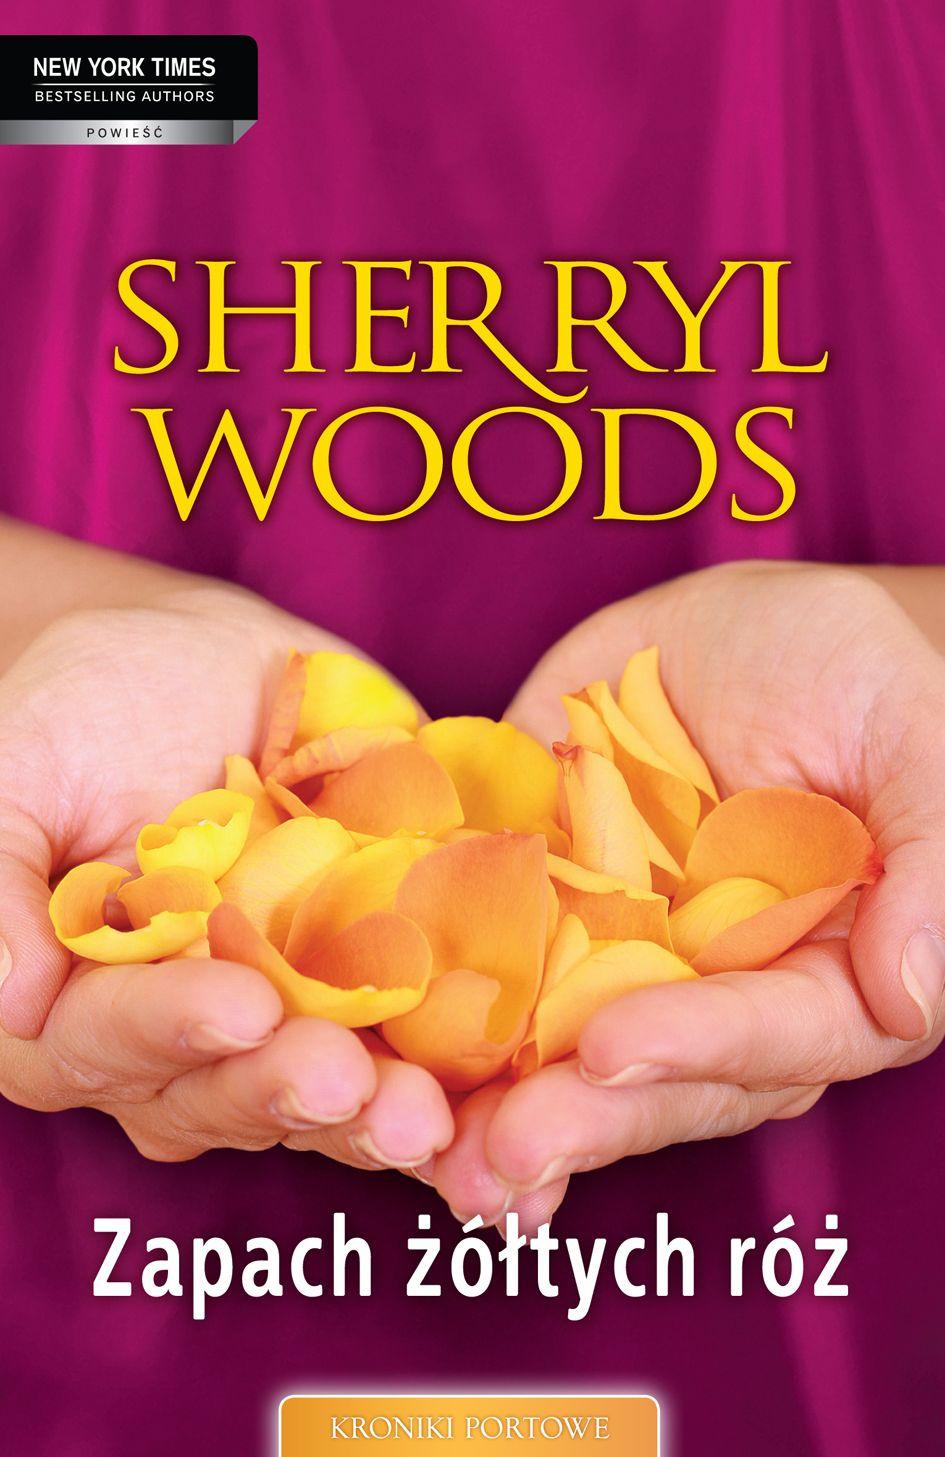 Zapach żółtych róż - Ebook (Książka EPUB) do pobrania w formacie EPUB